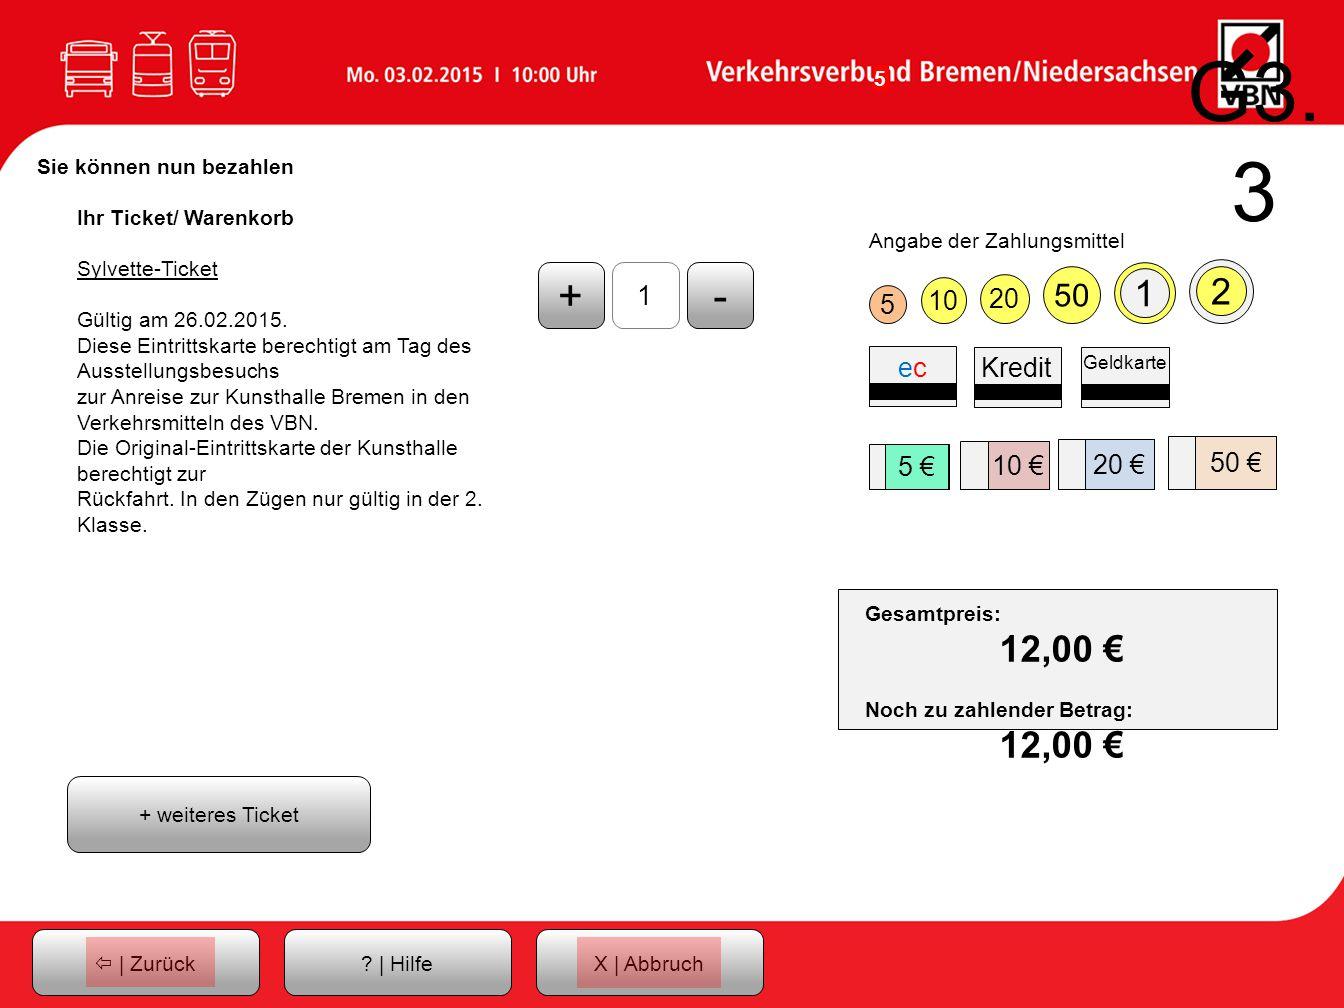 G3.3 Sie können nun bezahlen. Ihr Ticket/ Warenkorb. Sylvette-Ticket. Gültig am 26.02.2015.